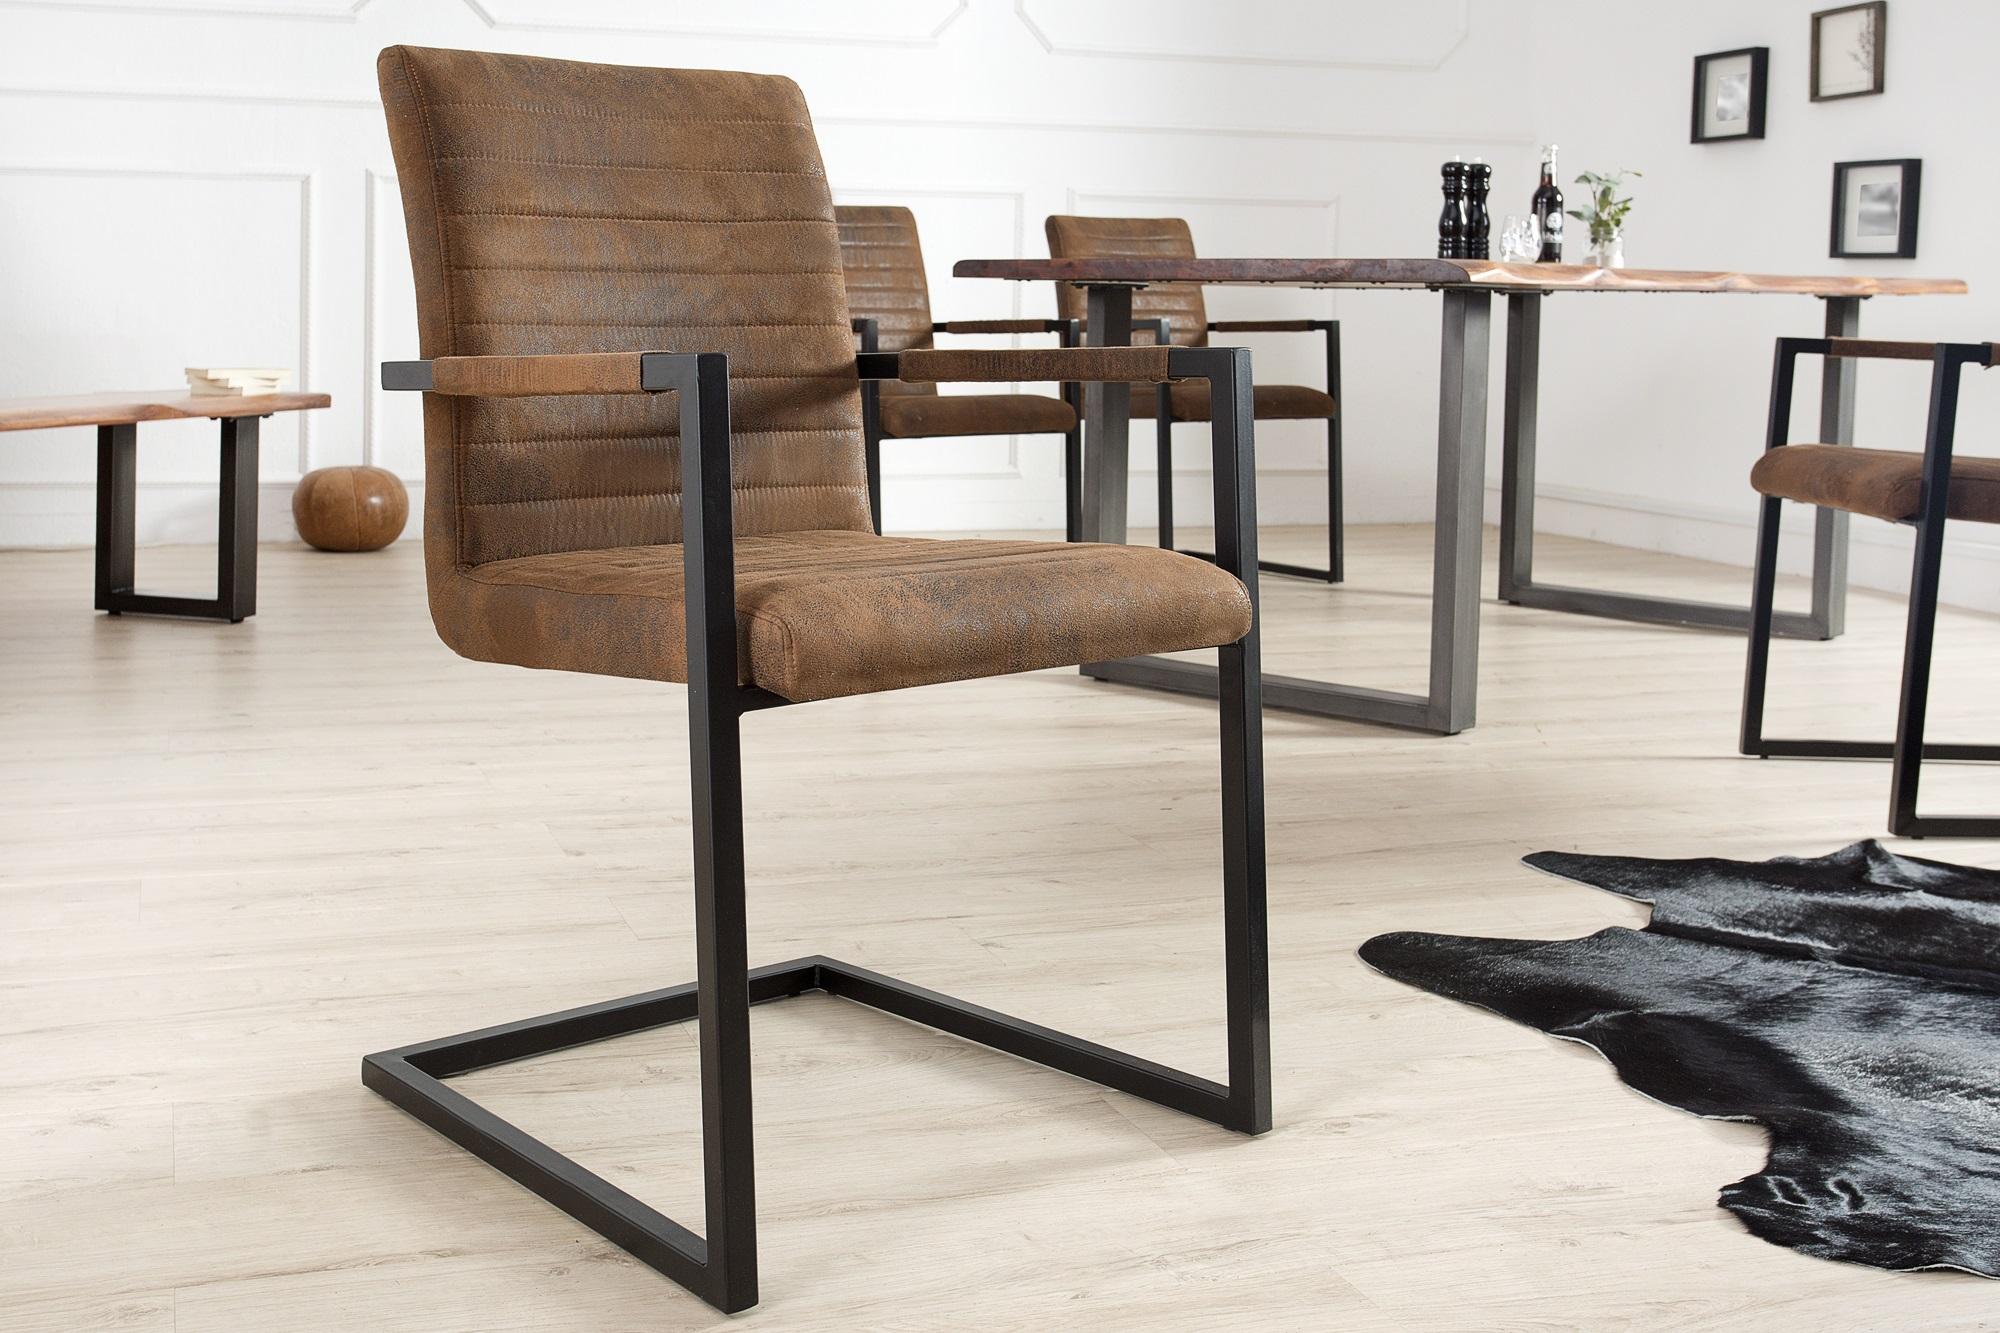 Stoel Metalen Frame : Eetkamerstoelen meubel deals zevenaar